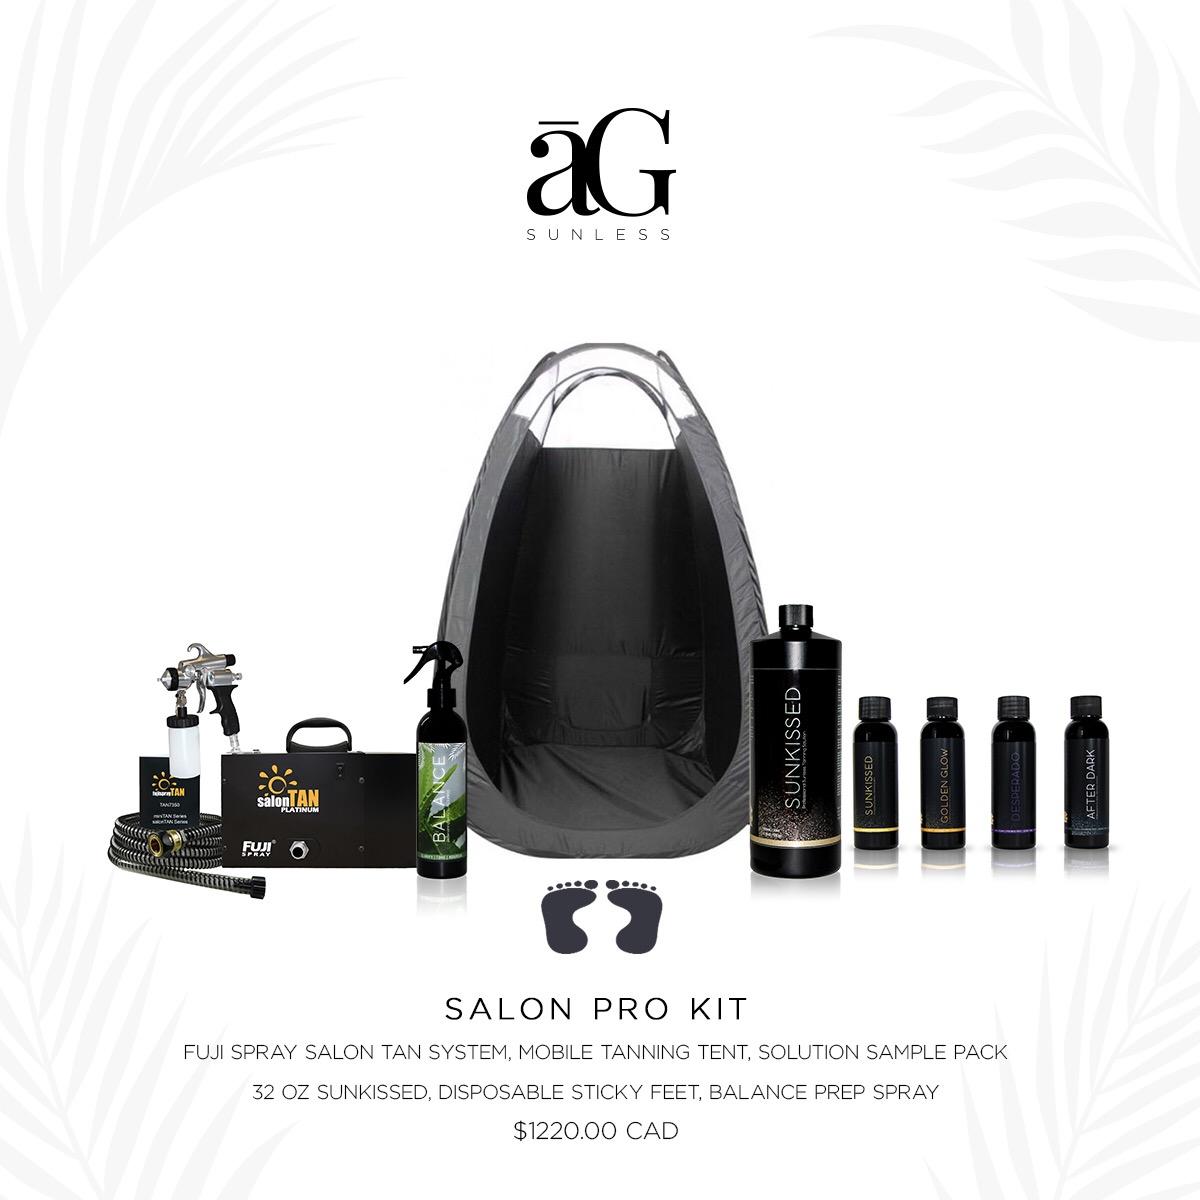 Salon Pro Kit